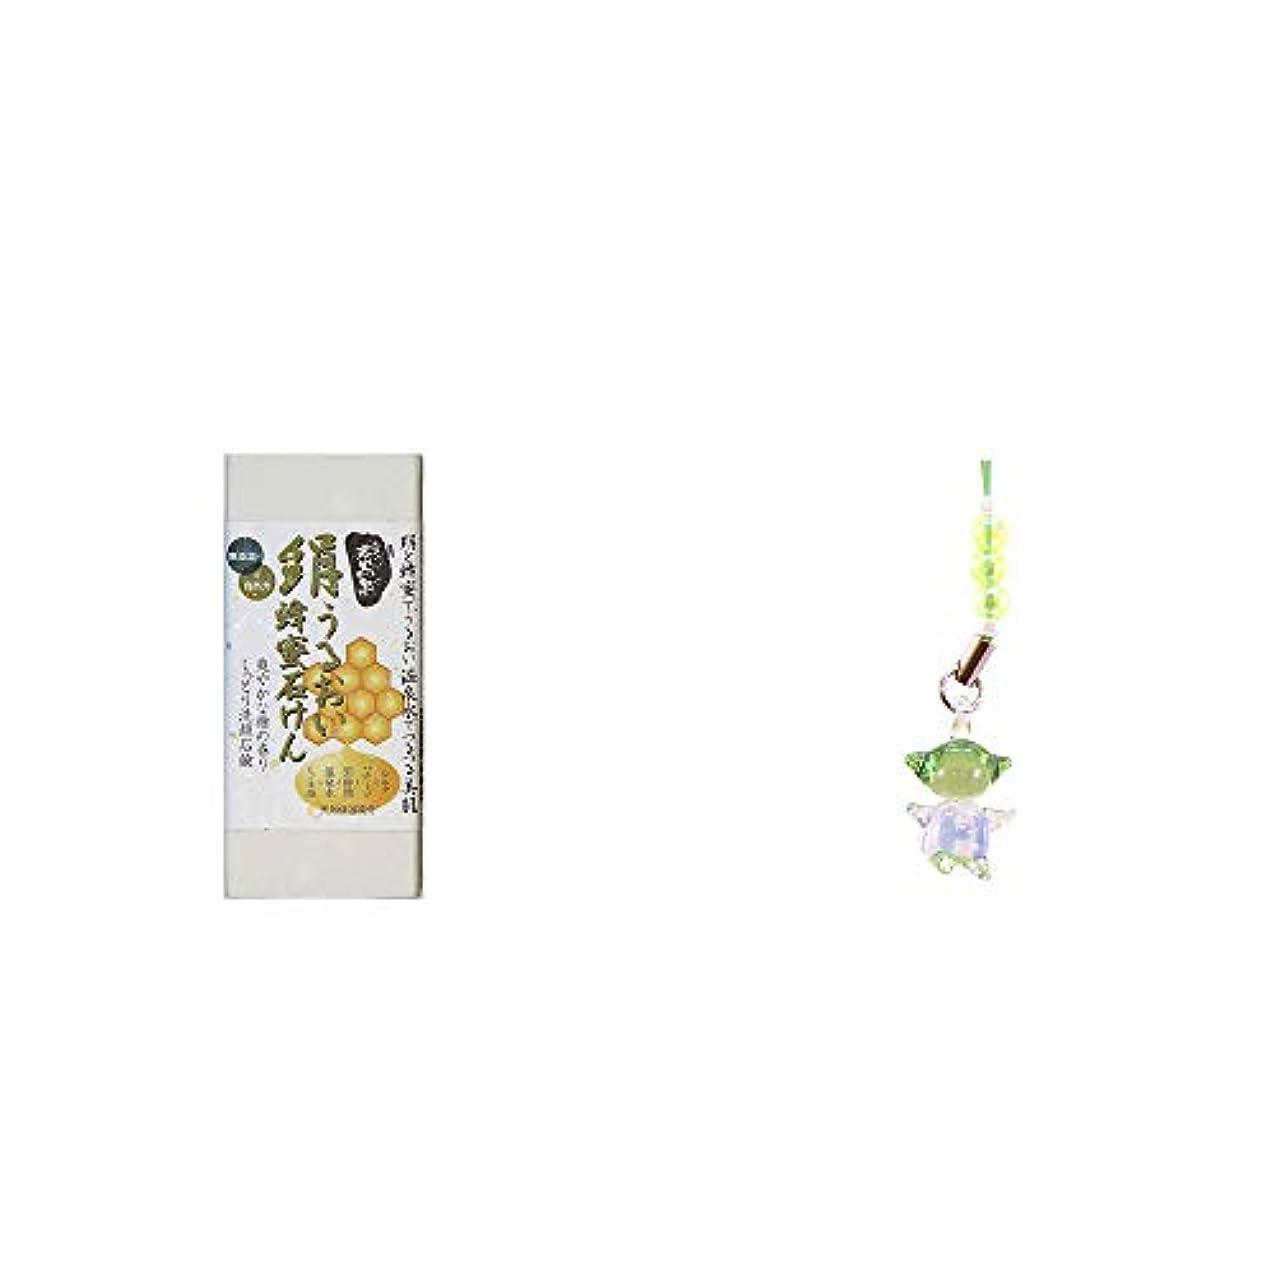 泥だらけ任命宇宙飛行士[2点セット] ひのき炭黒泉 絹うるおい蜂蜜石けん(75g×2)?ガラスのさるぼぼ 手作りキーホルダー 【緑】 /健康運?平穏?病気を寄付けない?健康祈願//